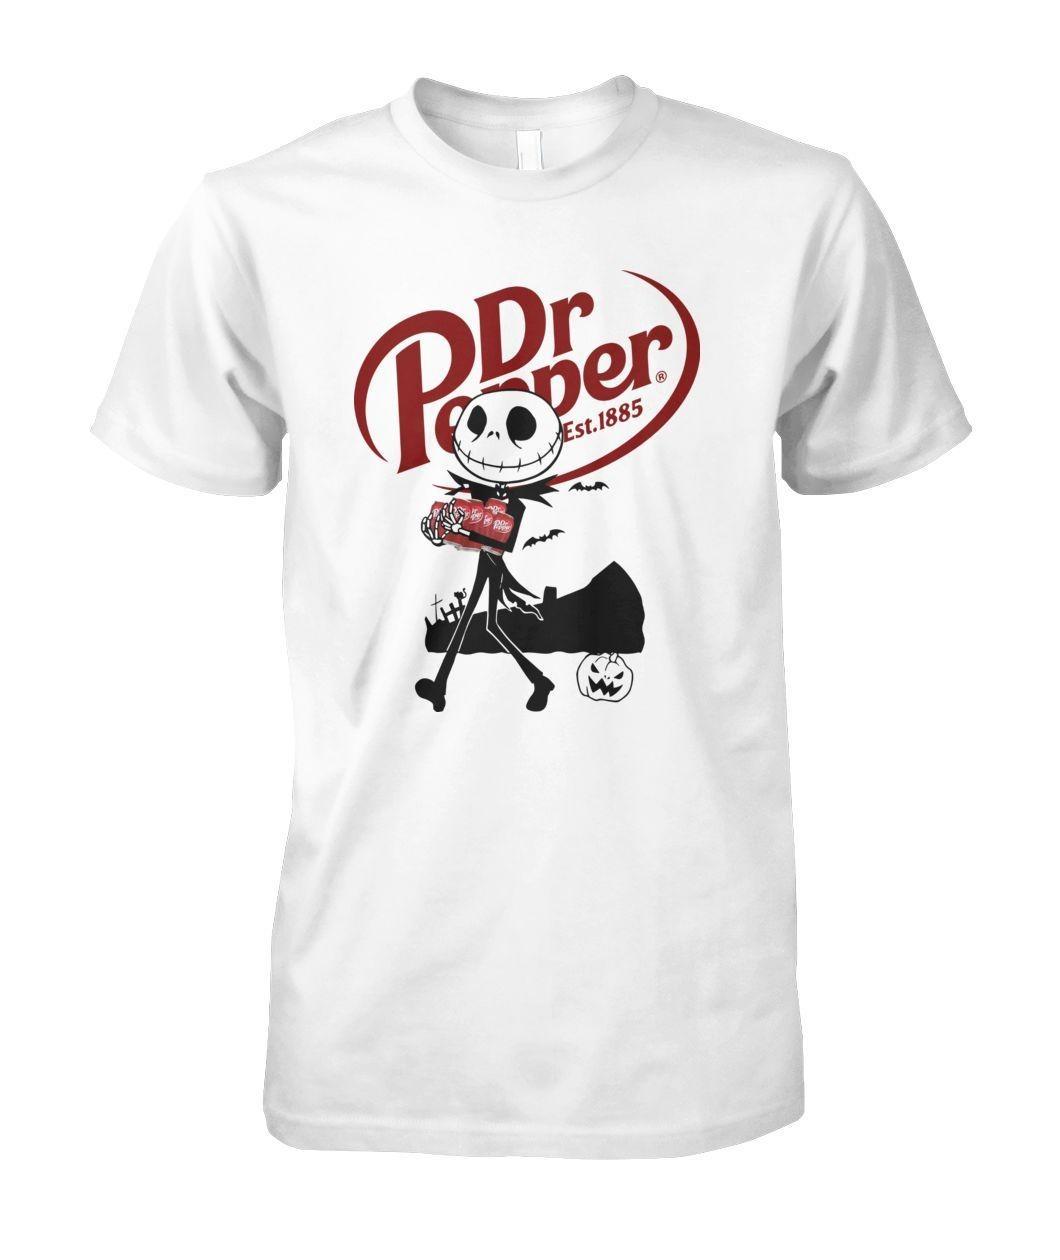 Dr. Pepper Jack Skellington est 1885 shirt